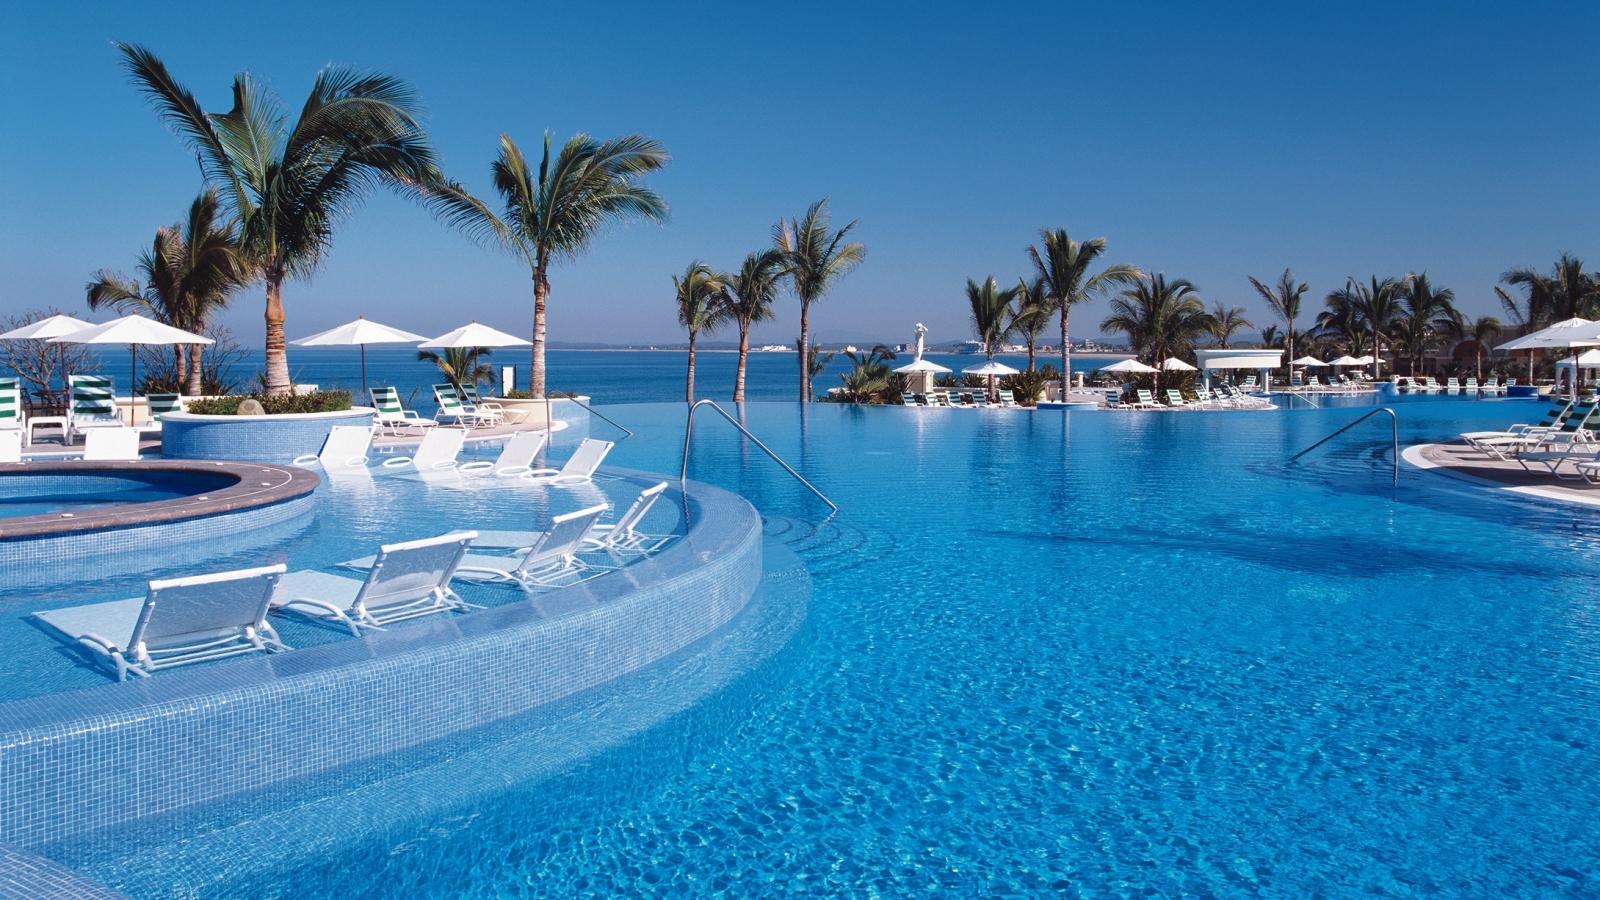 Vacaciones en un hospedaje frente al mar - 1600x900